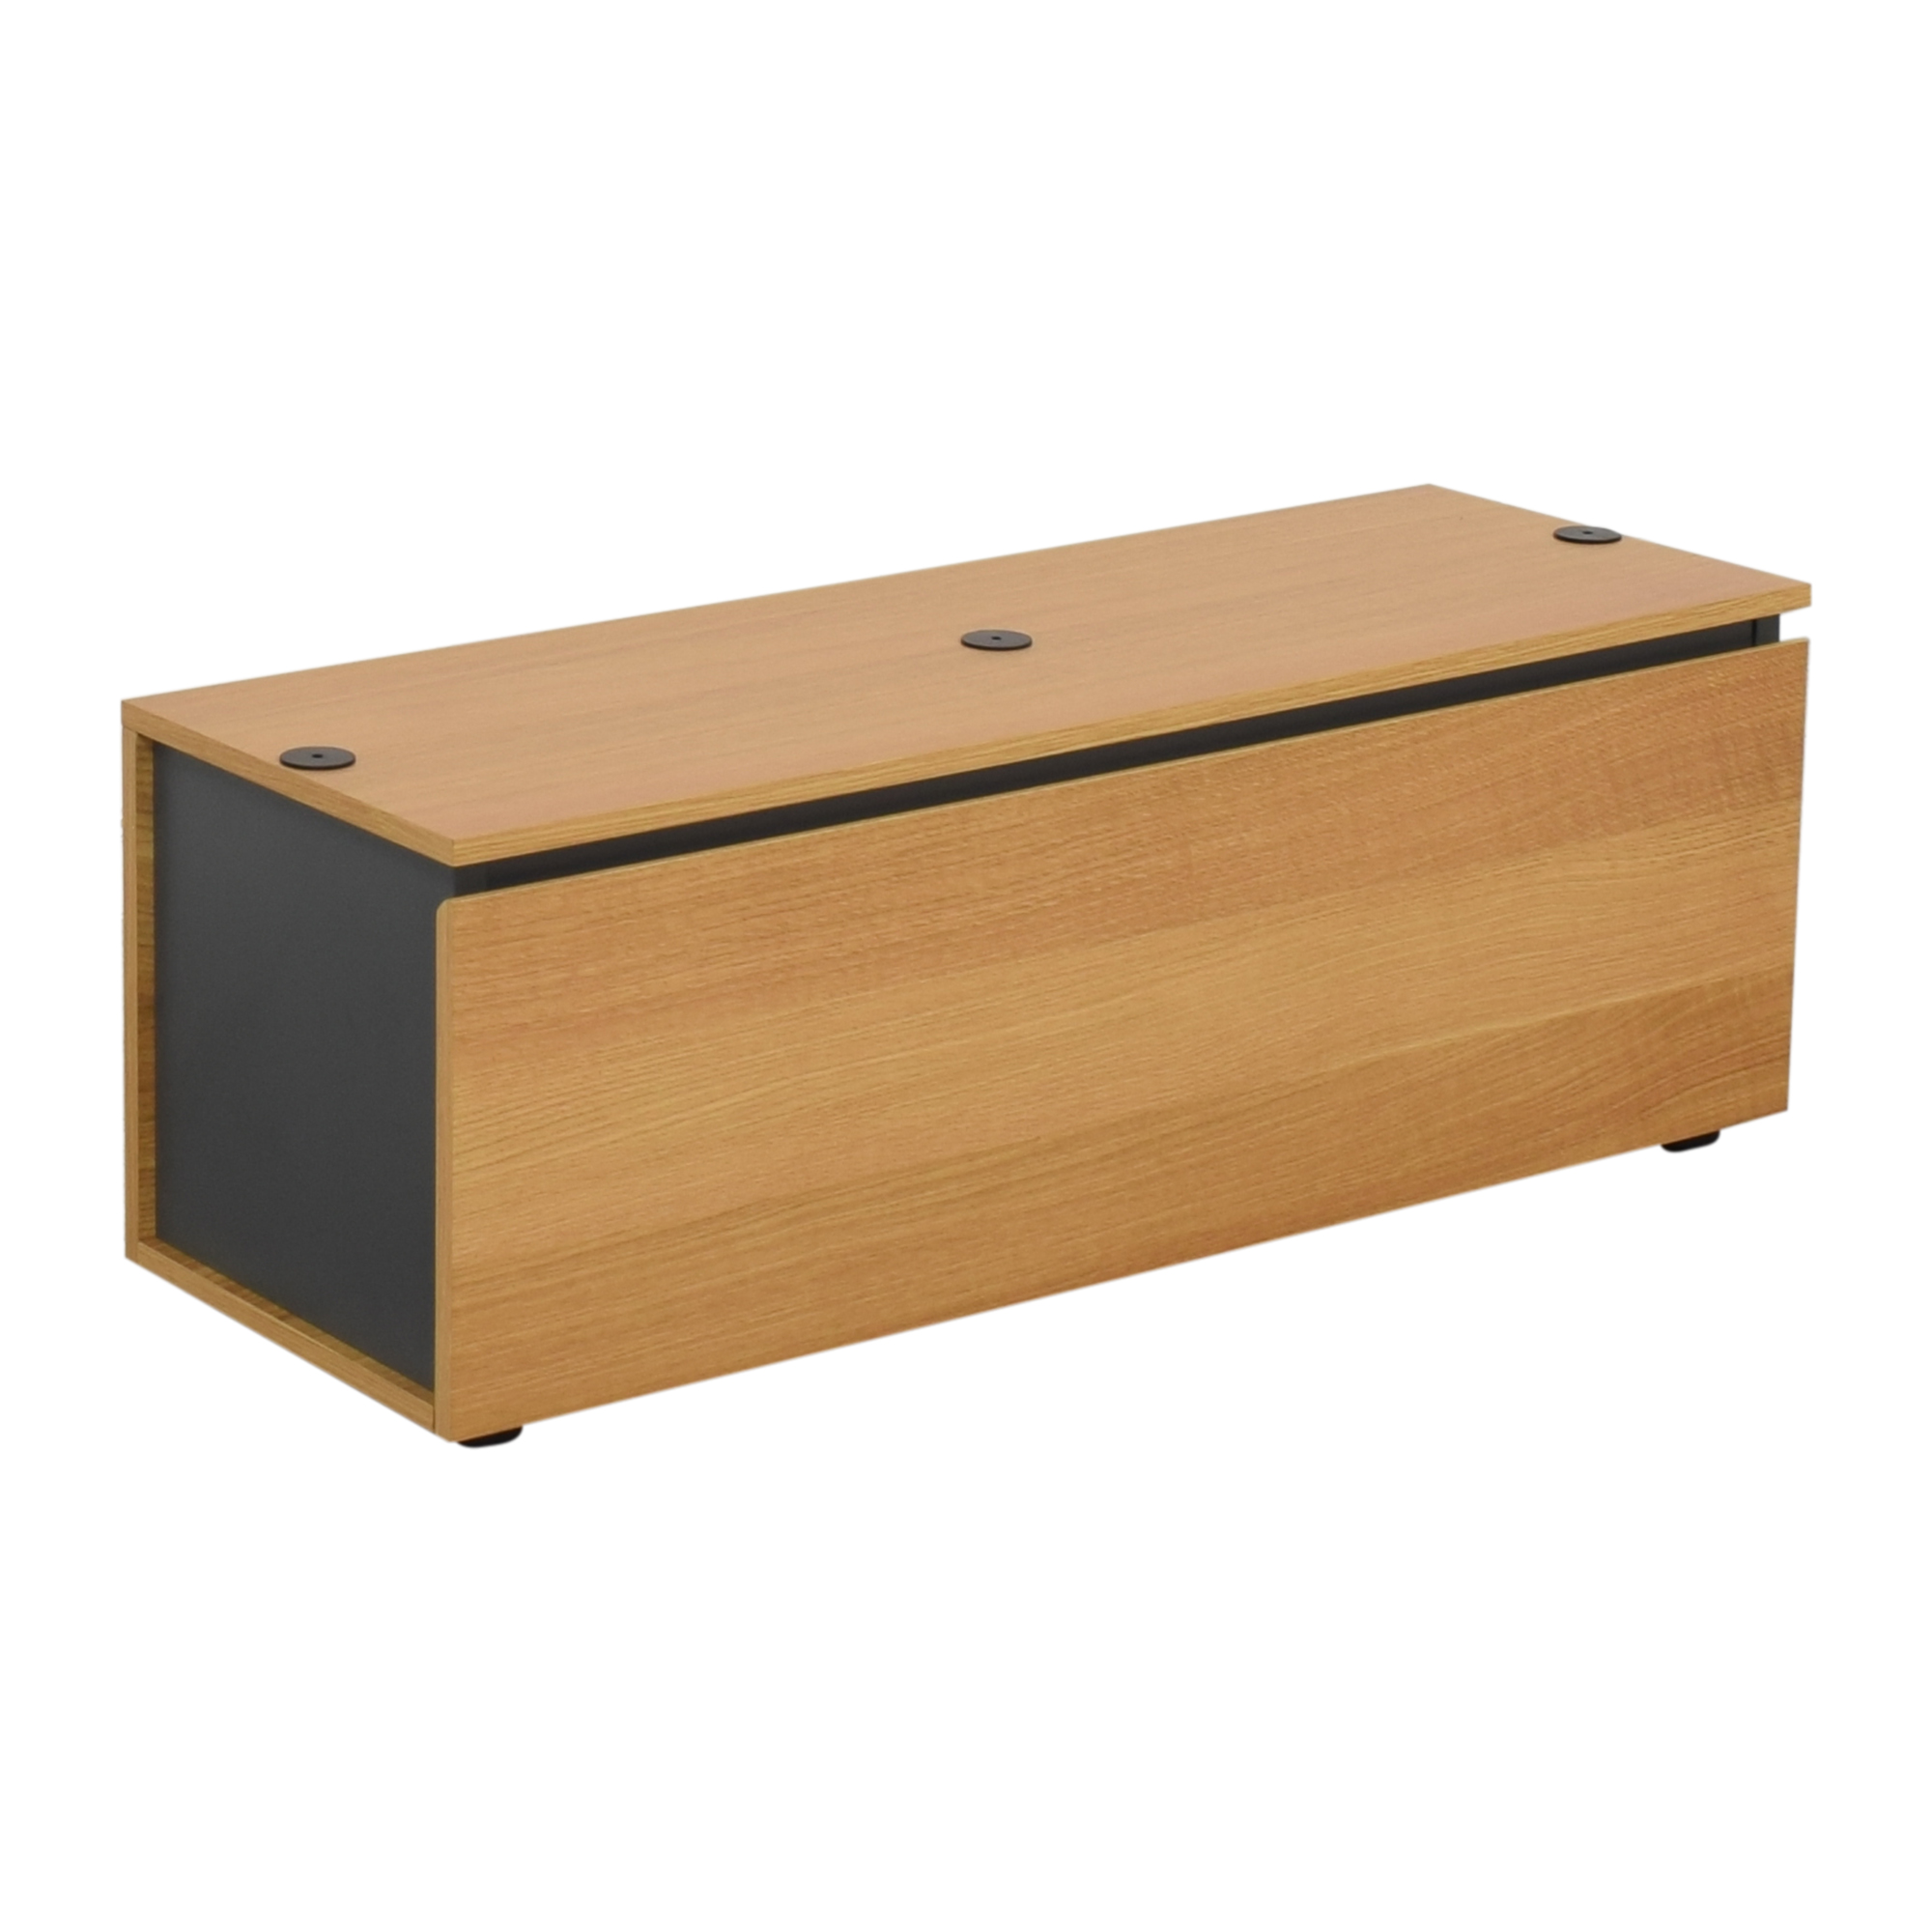 Koleksiyon Koleksiyon Storage Cabinet price